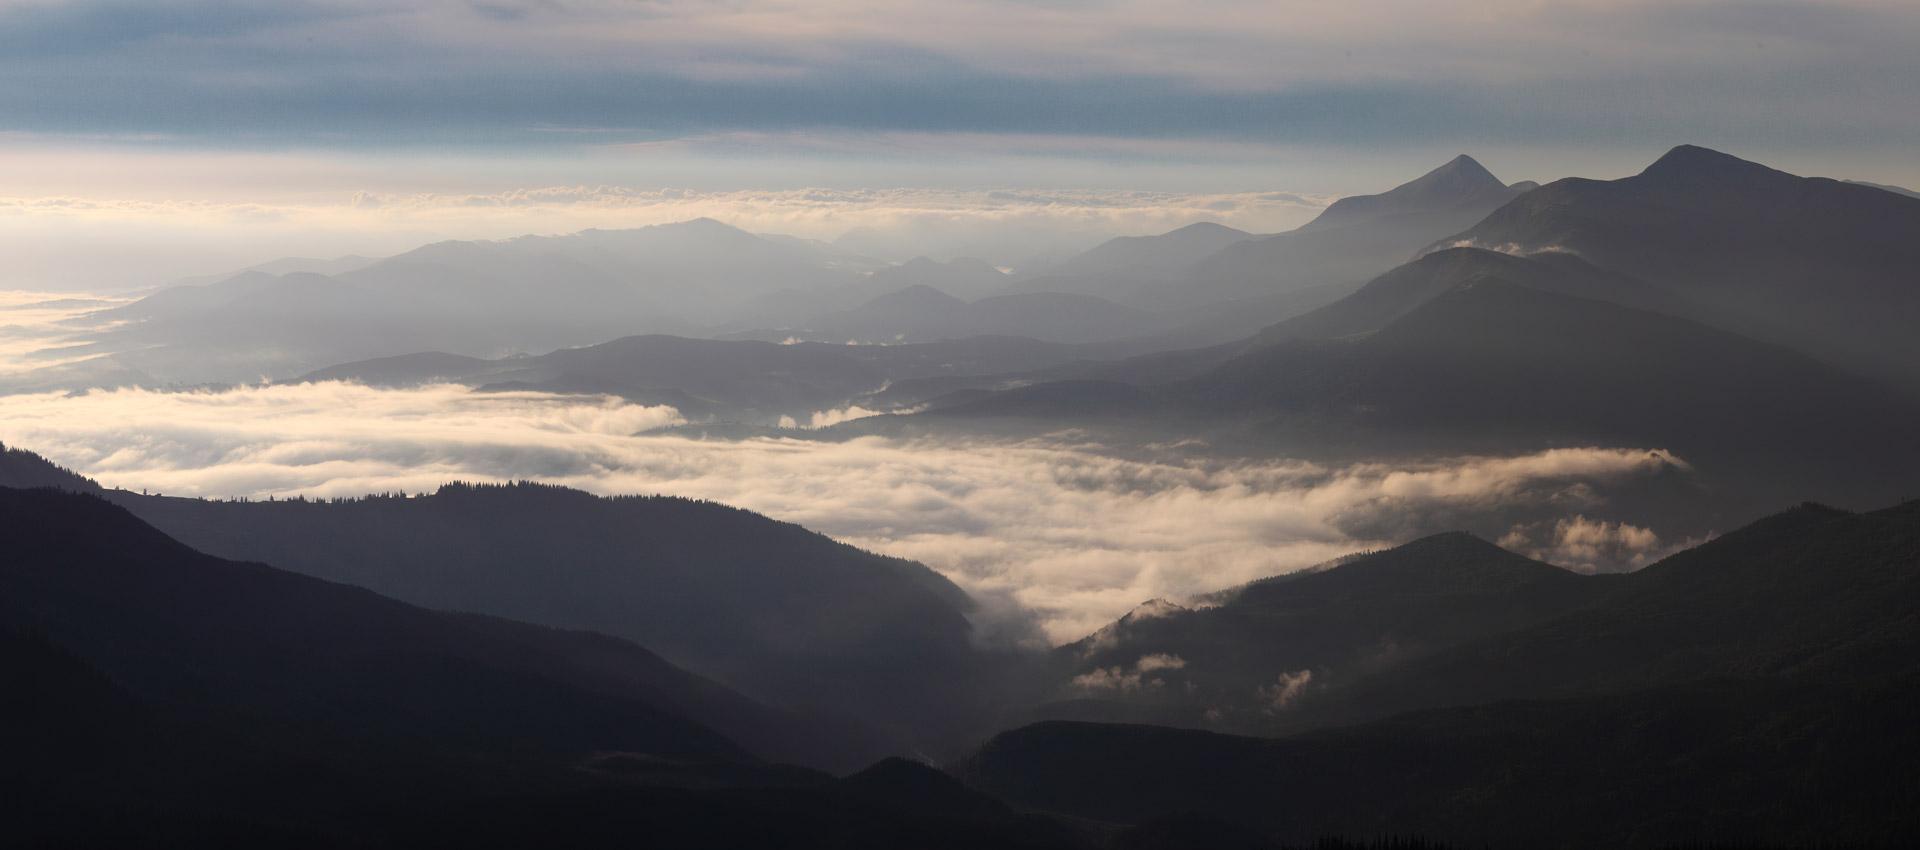 Ранок на Свидовці. Вид з гори Стіг - 1704 м над р.м.